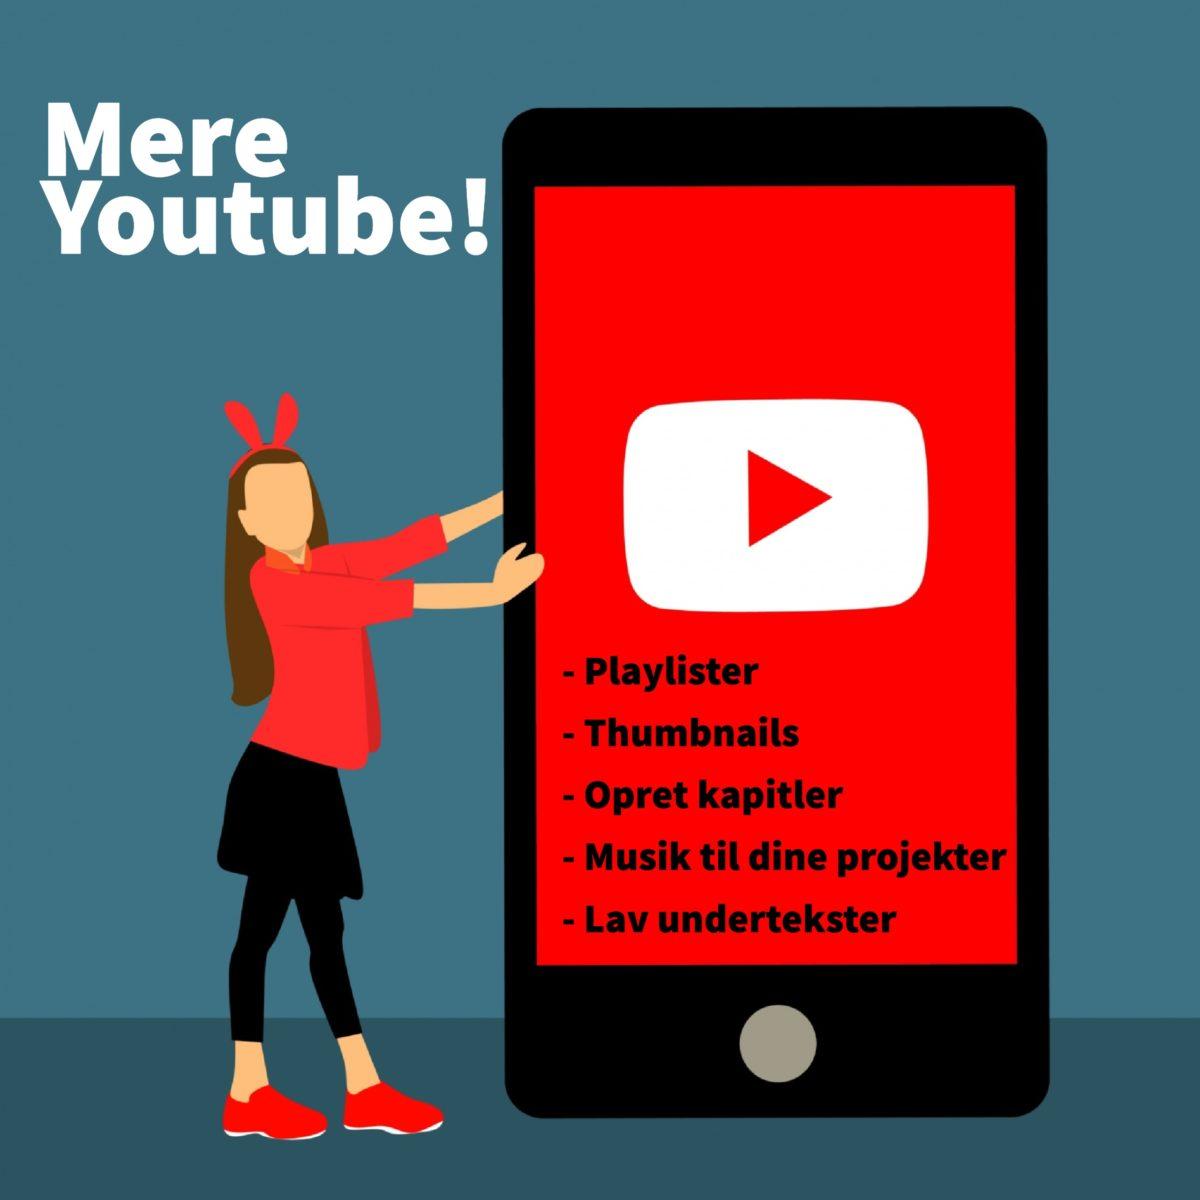 5 gode bud på hvordan du kan få endnu mere ud af Youtube!